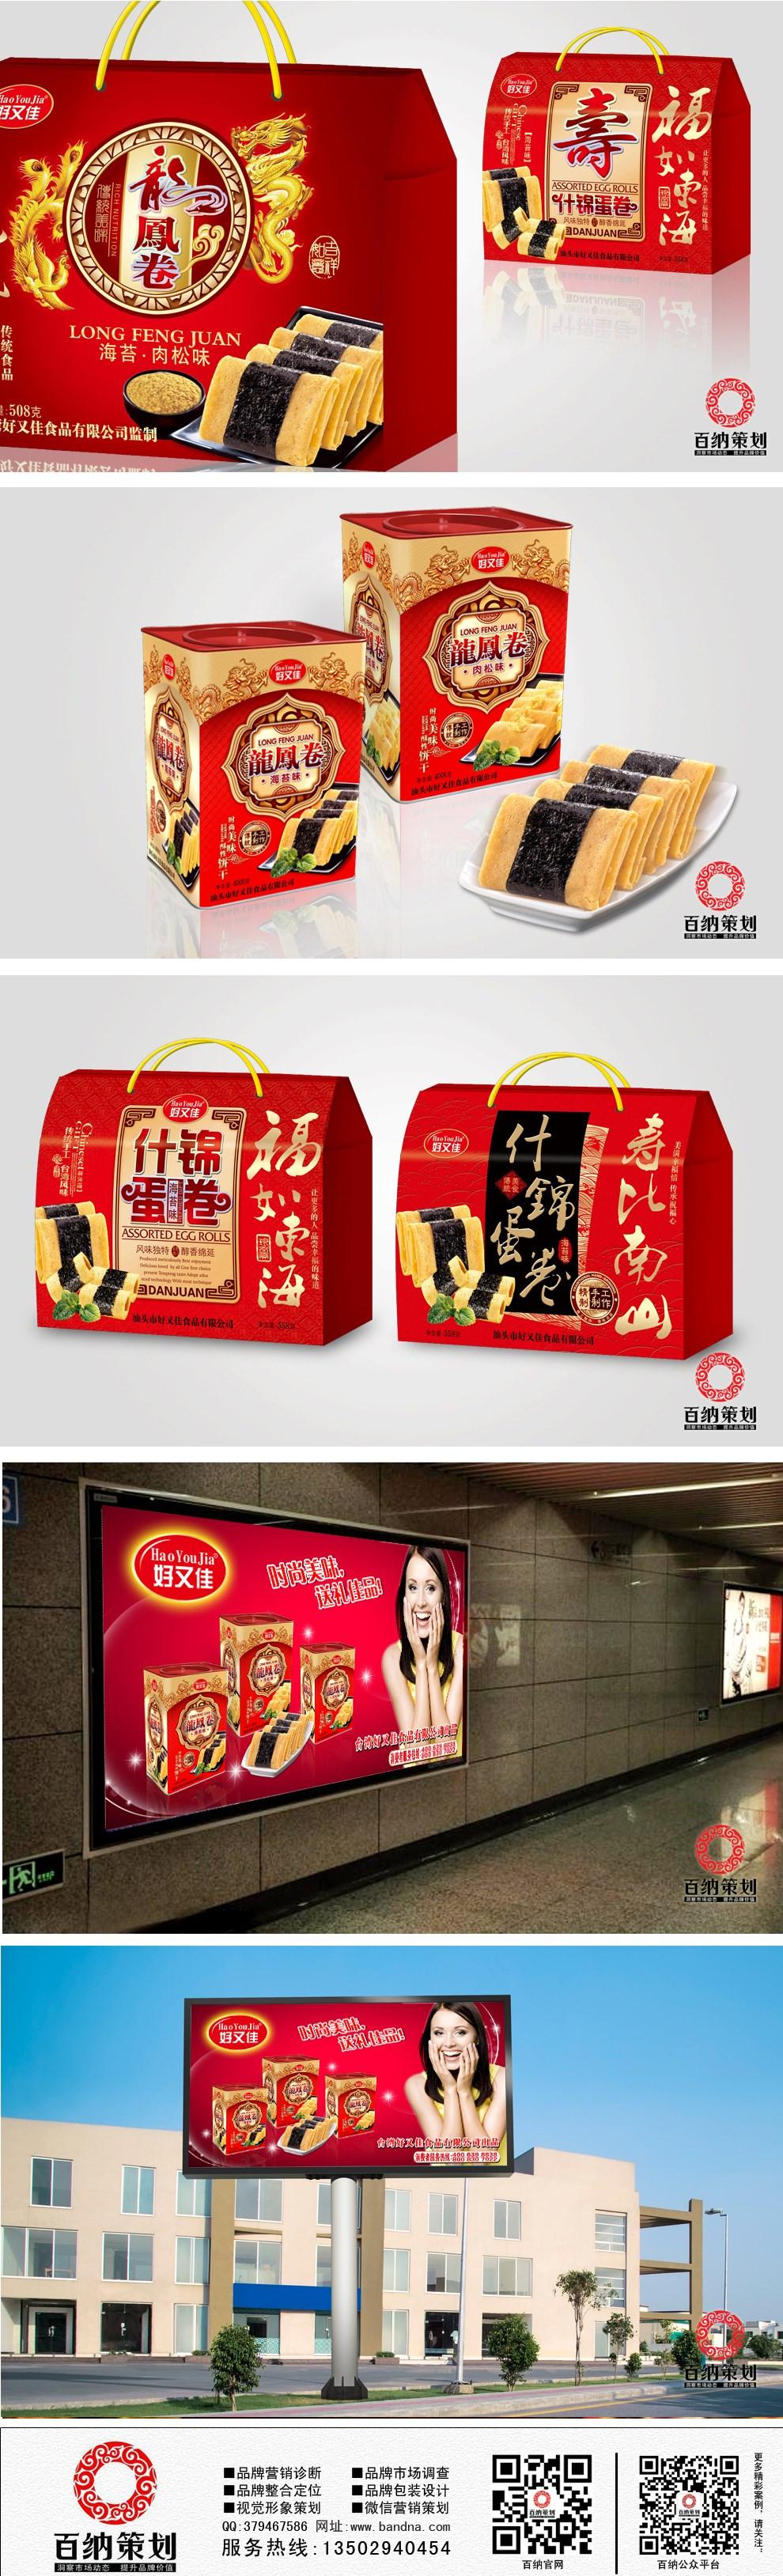 【百纳食品包装设计】好又佳品牌整合案例